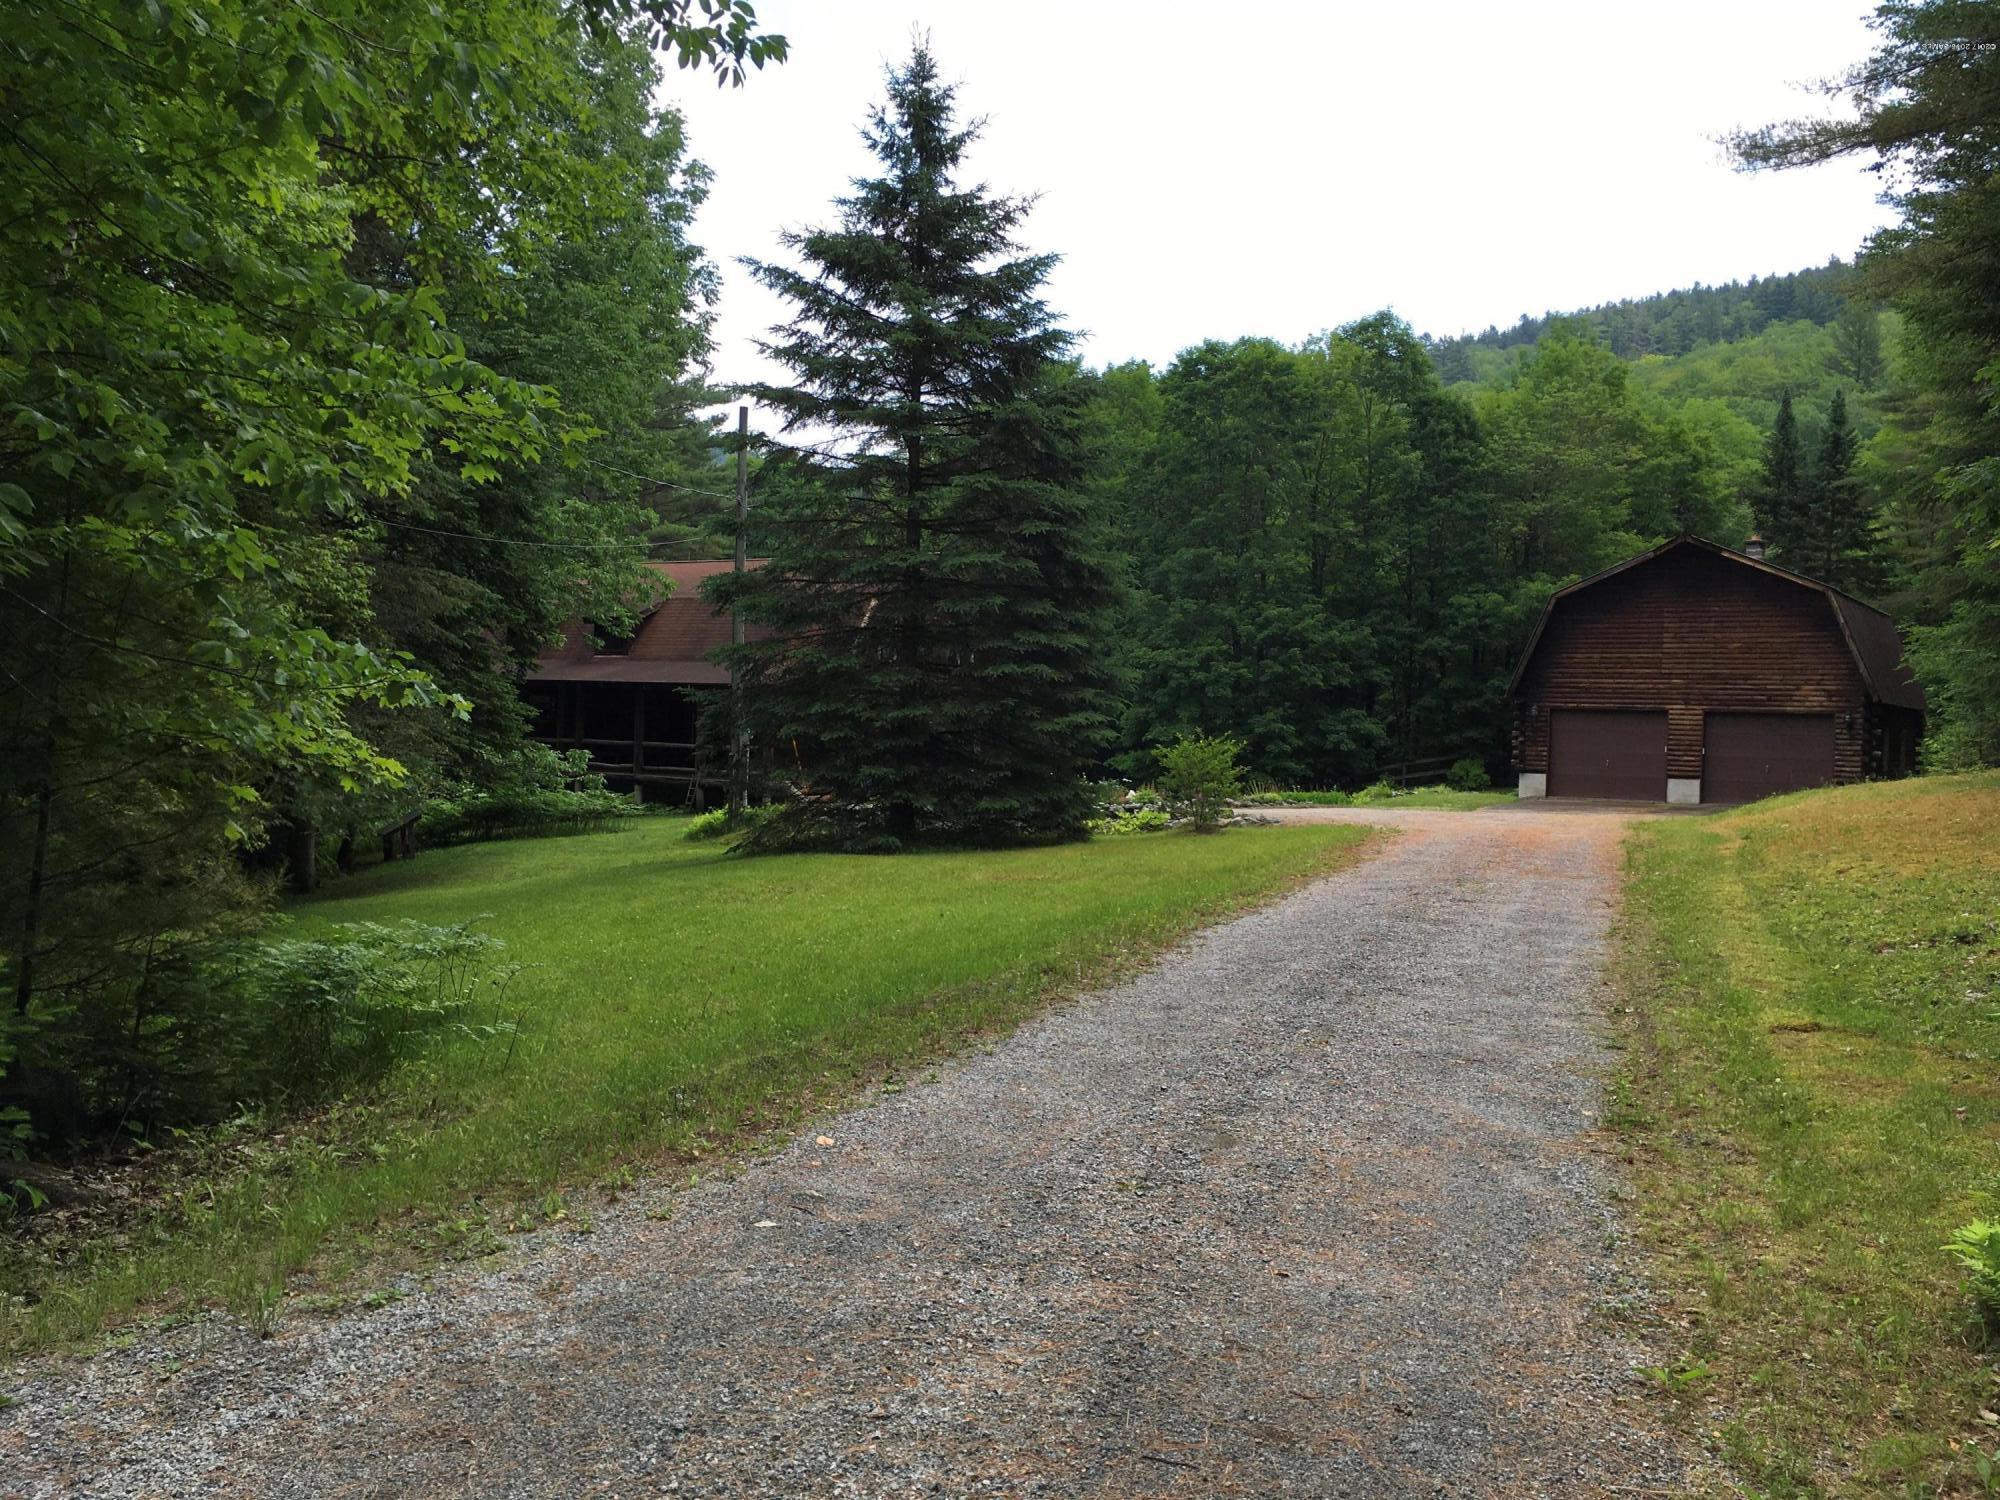 326 Johnson, Adirondack, NY 12808